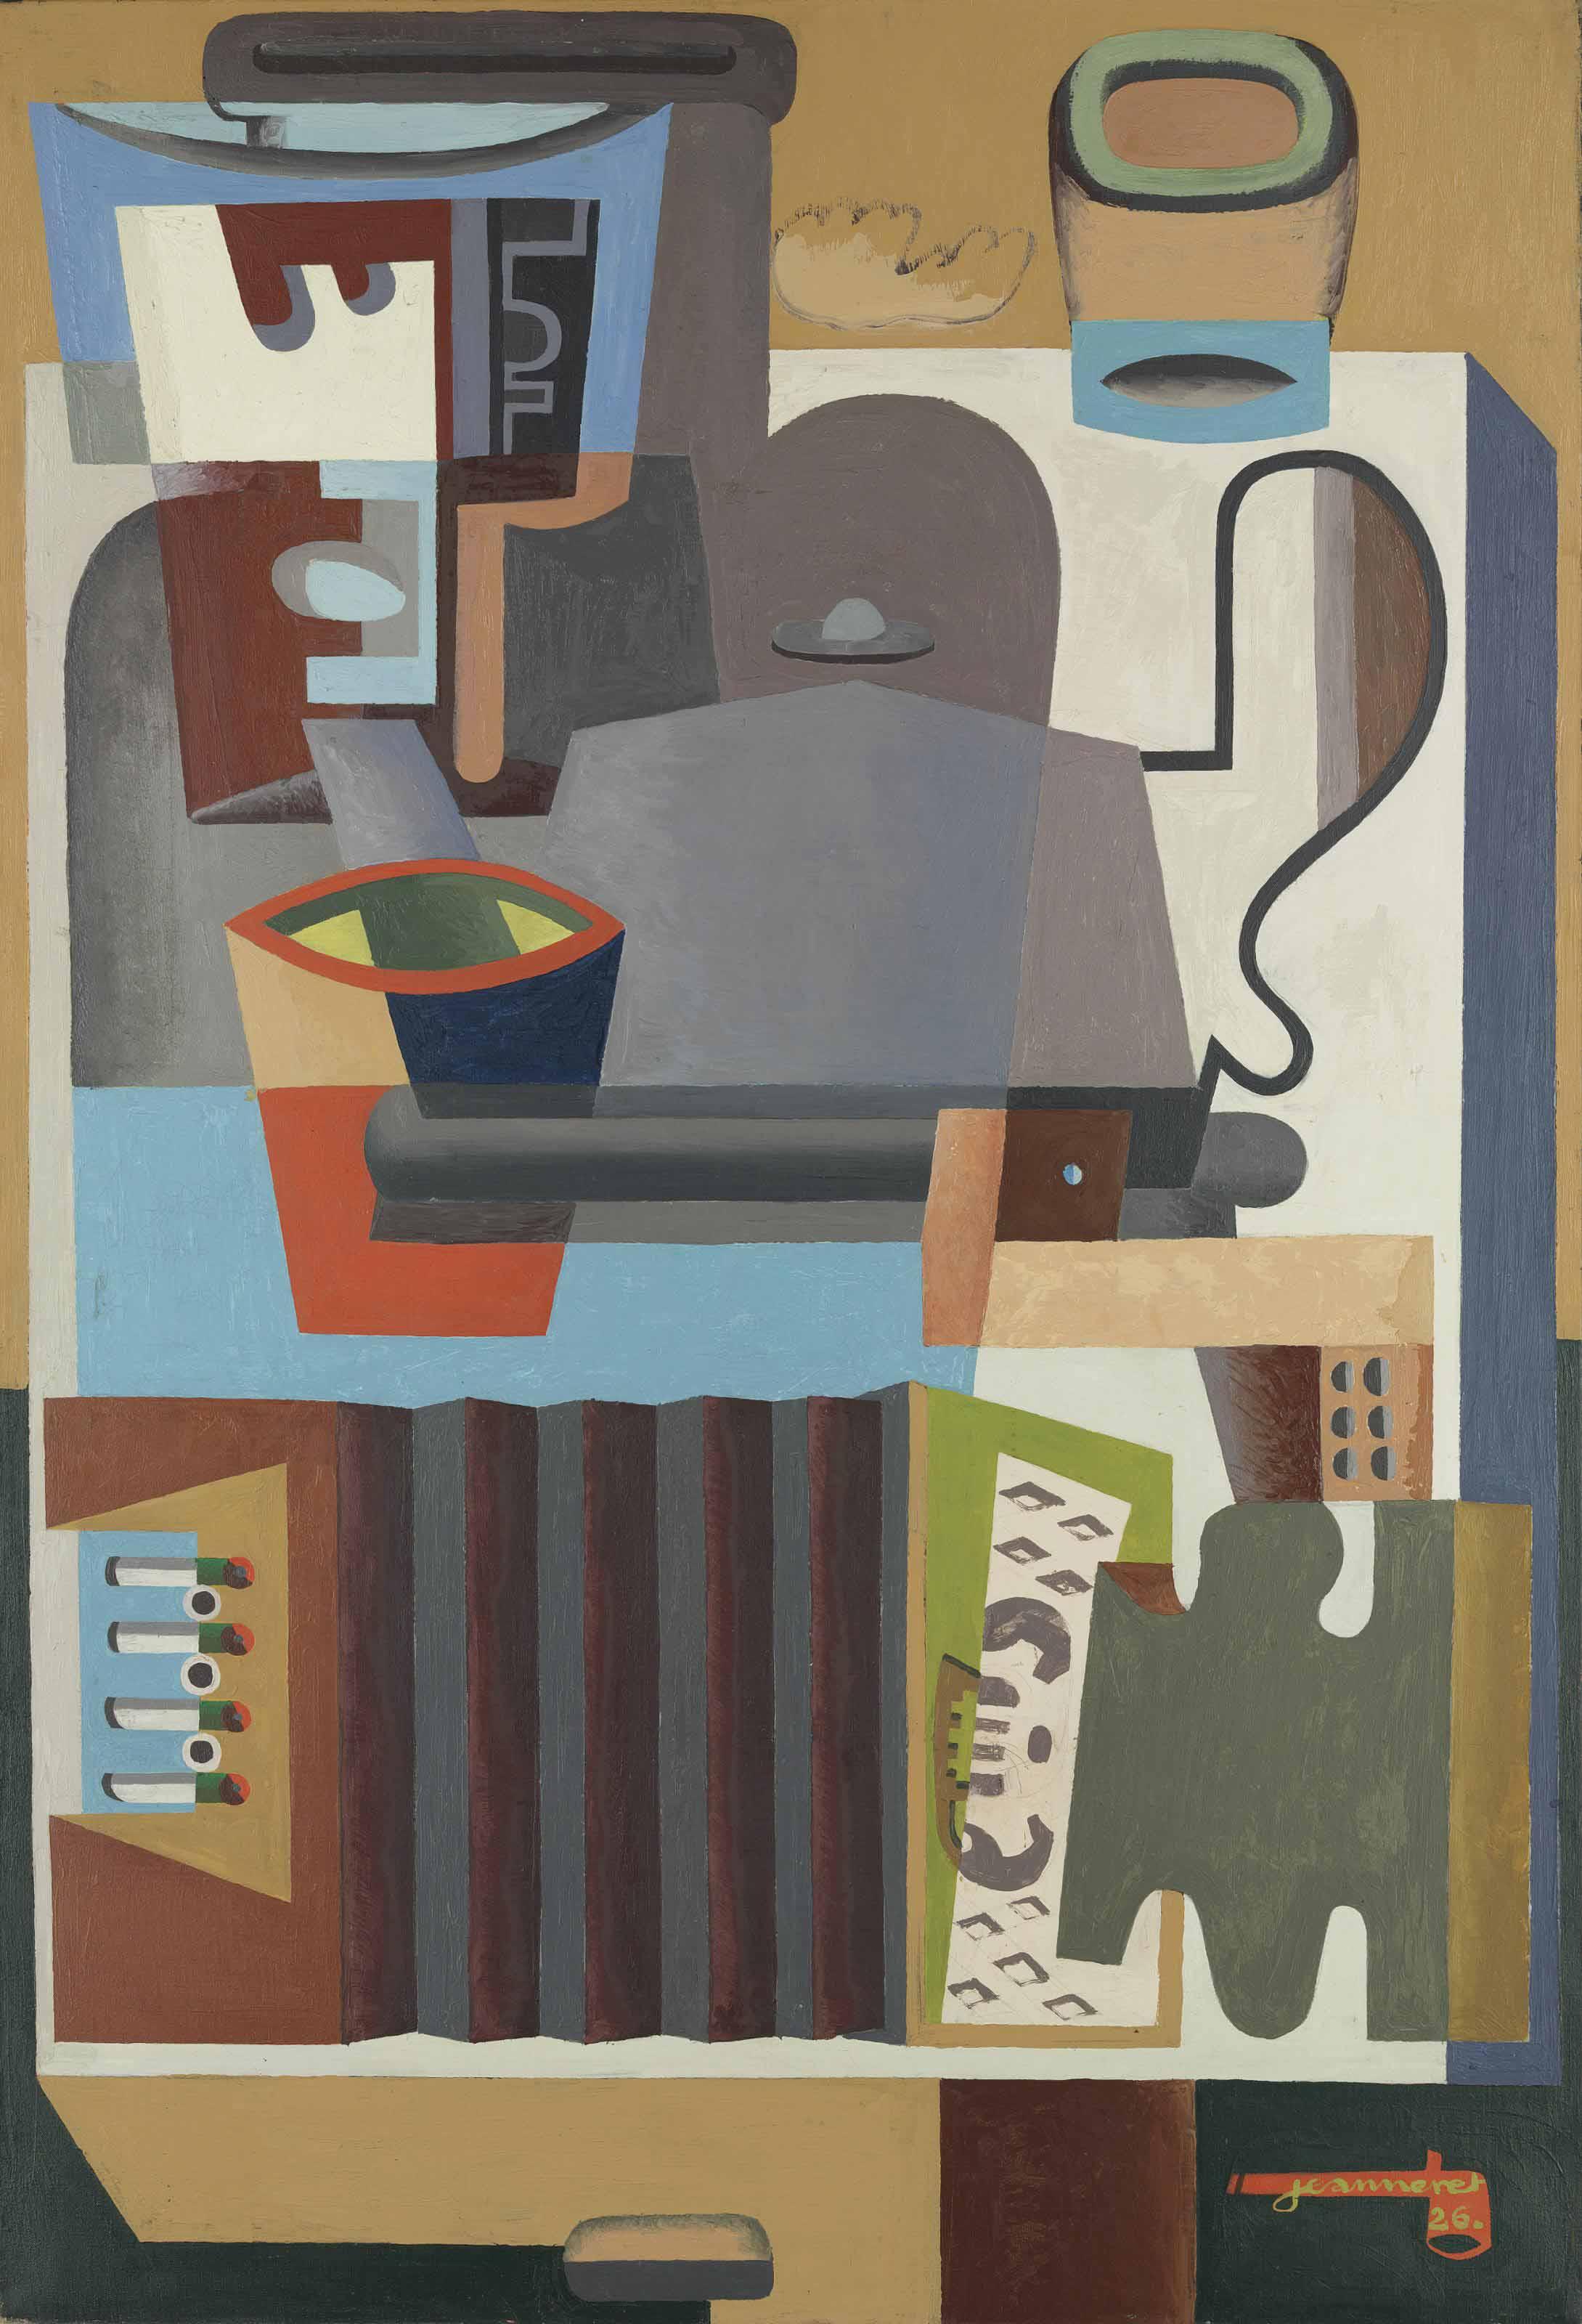 Le Corbusier (1887-1965) | Accordéon, carafe et cafetière | Christie's